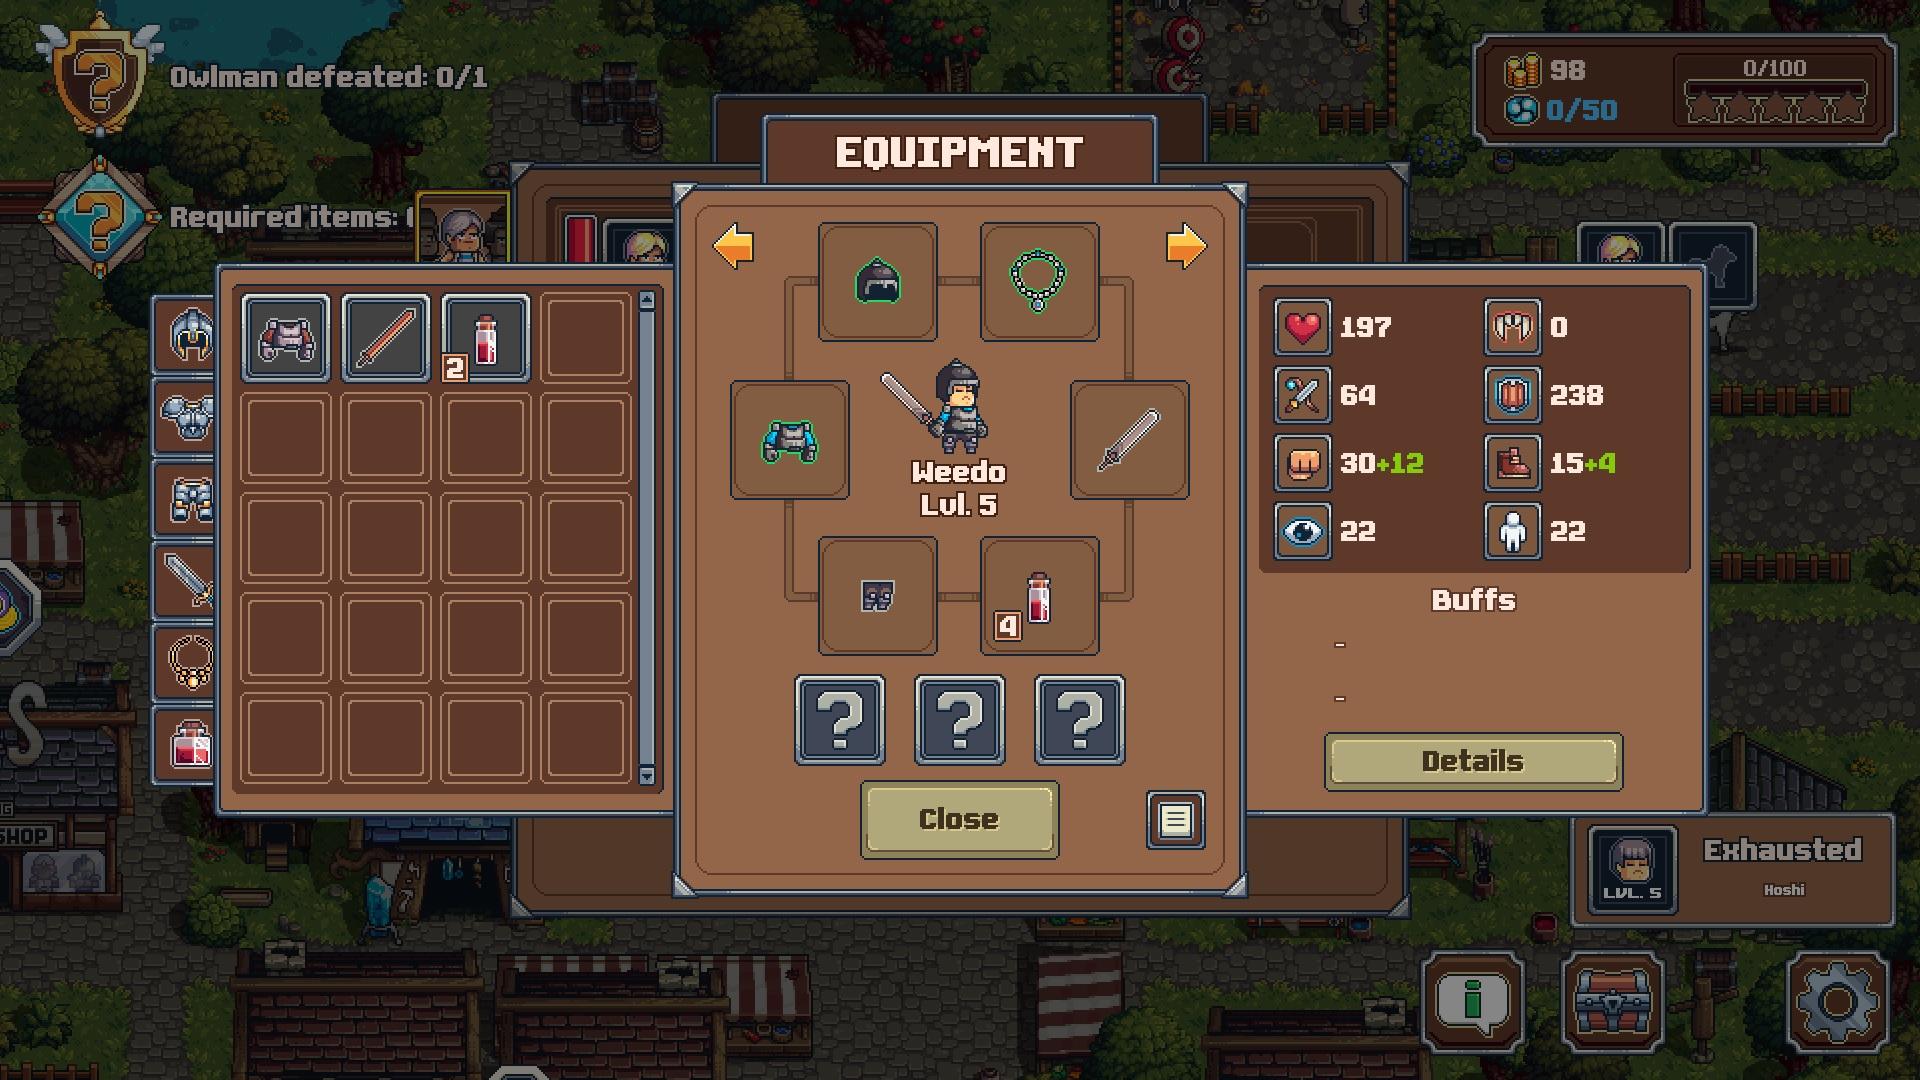 En este menú podremos equipar a nuestro personaje con todo tipo de objetos para el combate.